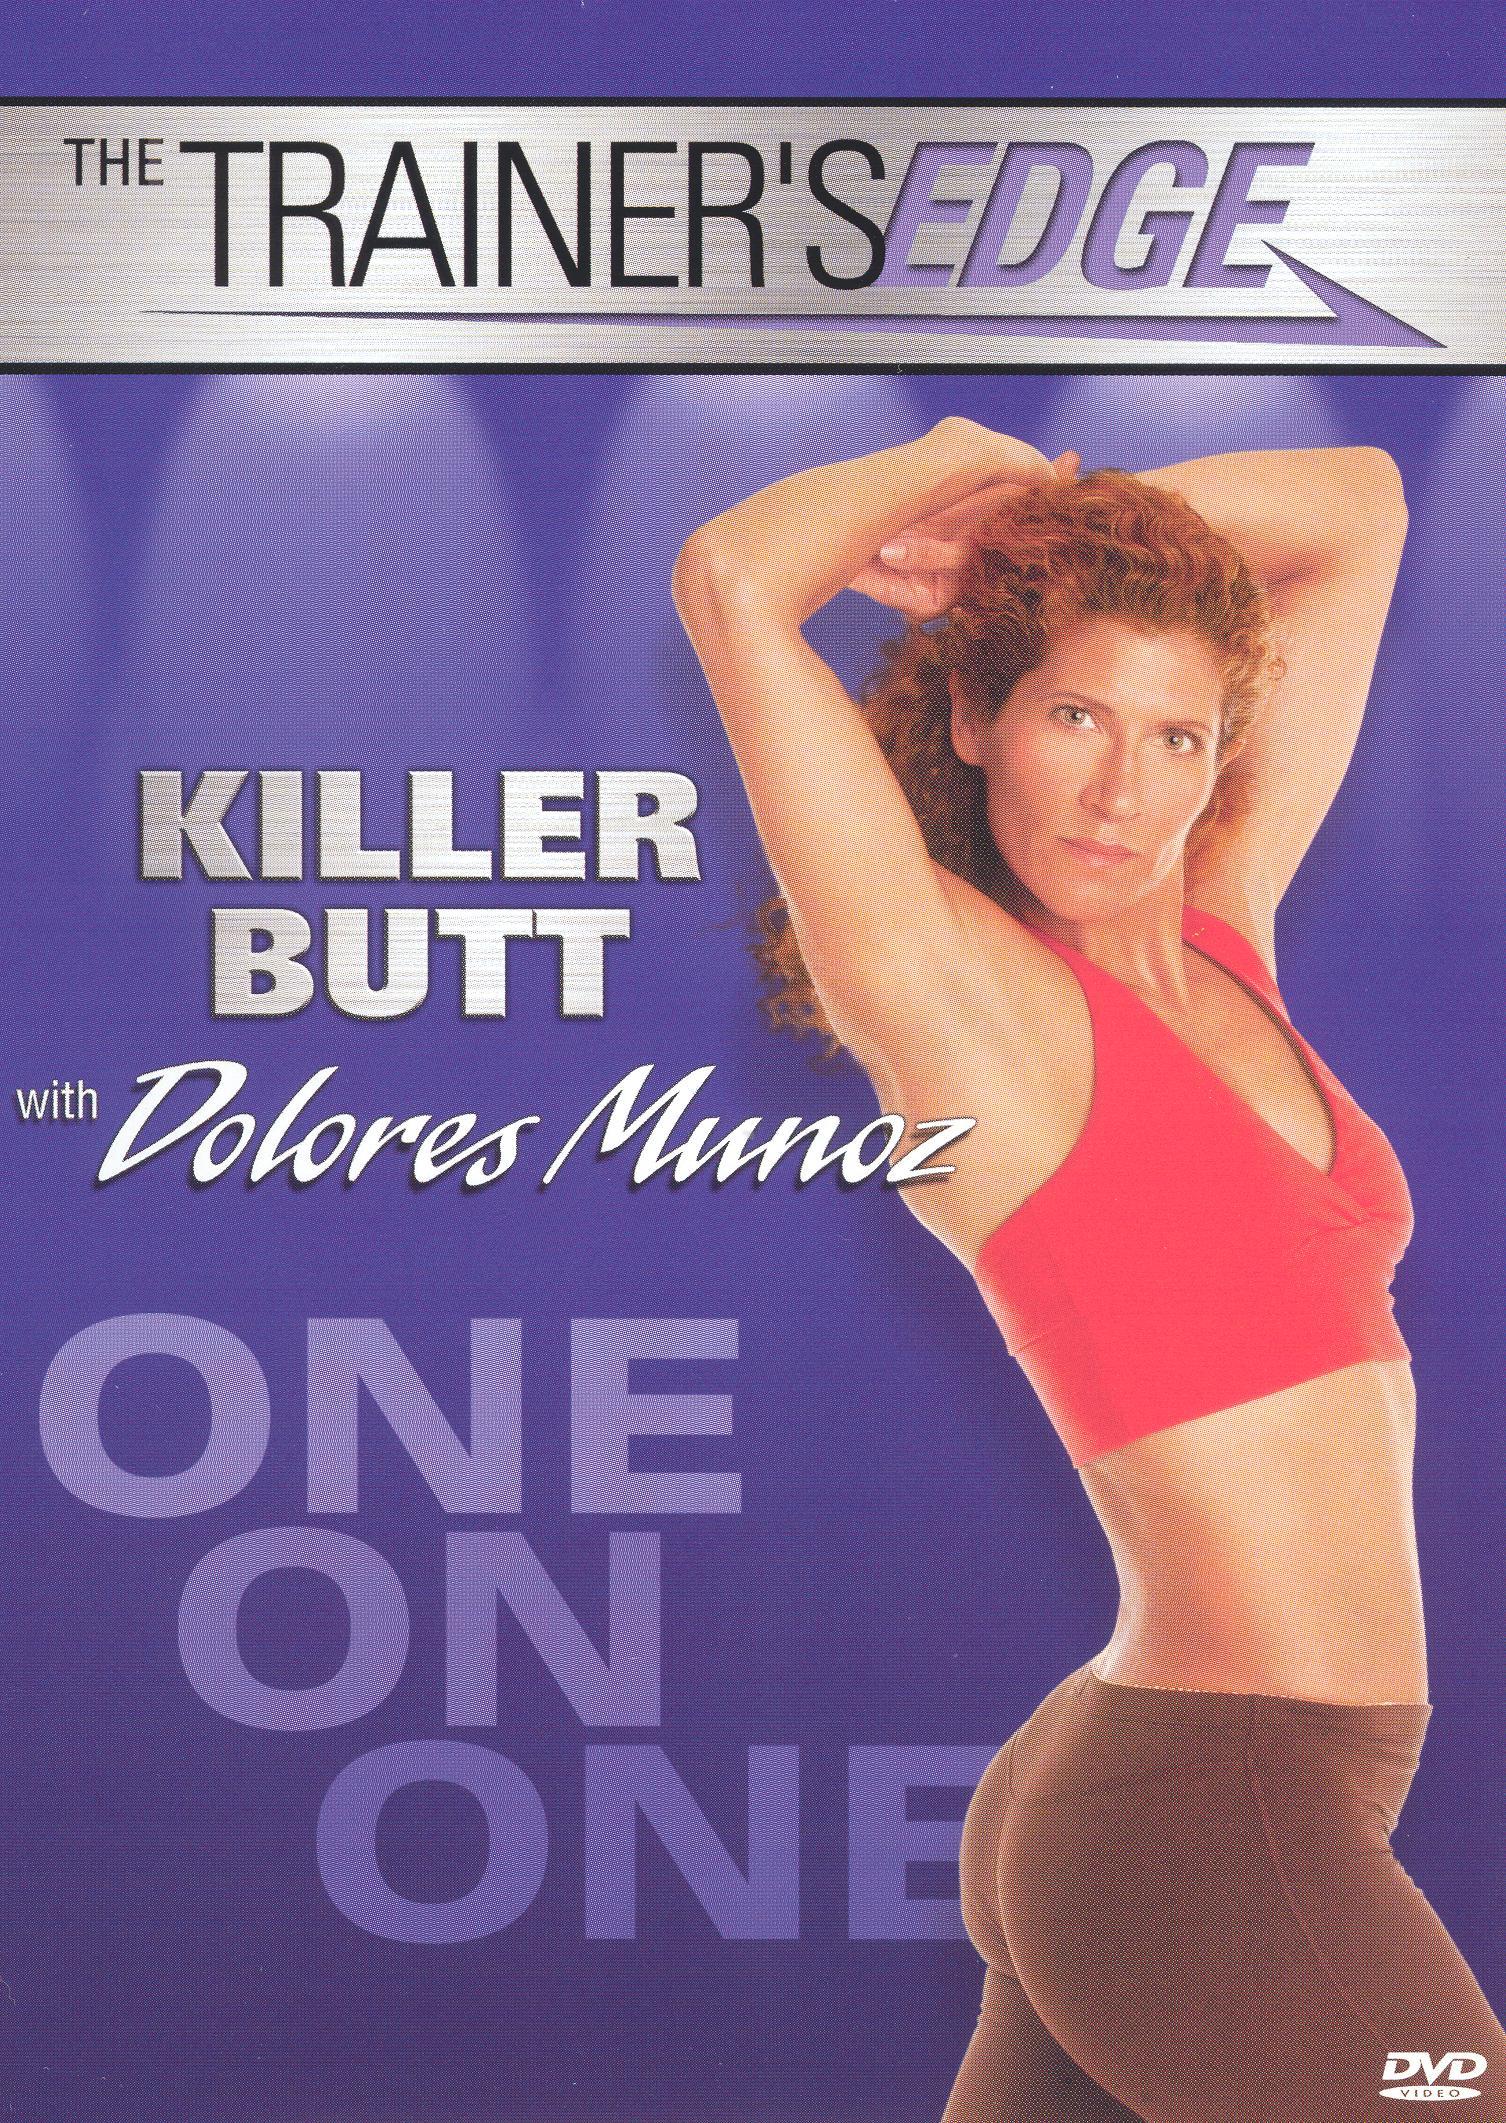 The Trainer's Edge: Killer Butt